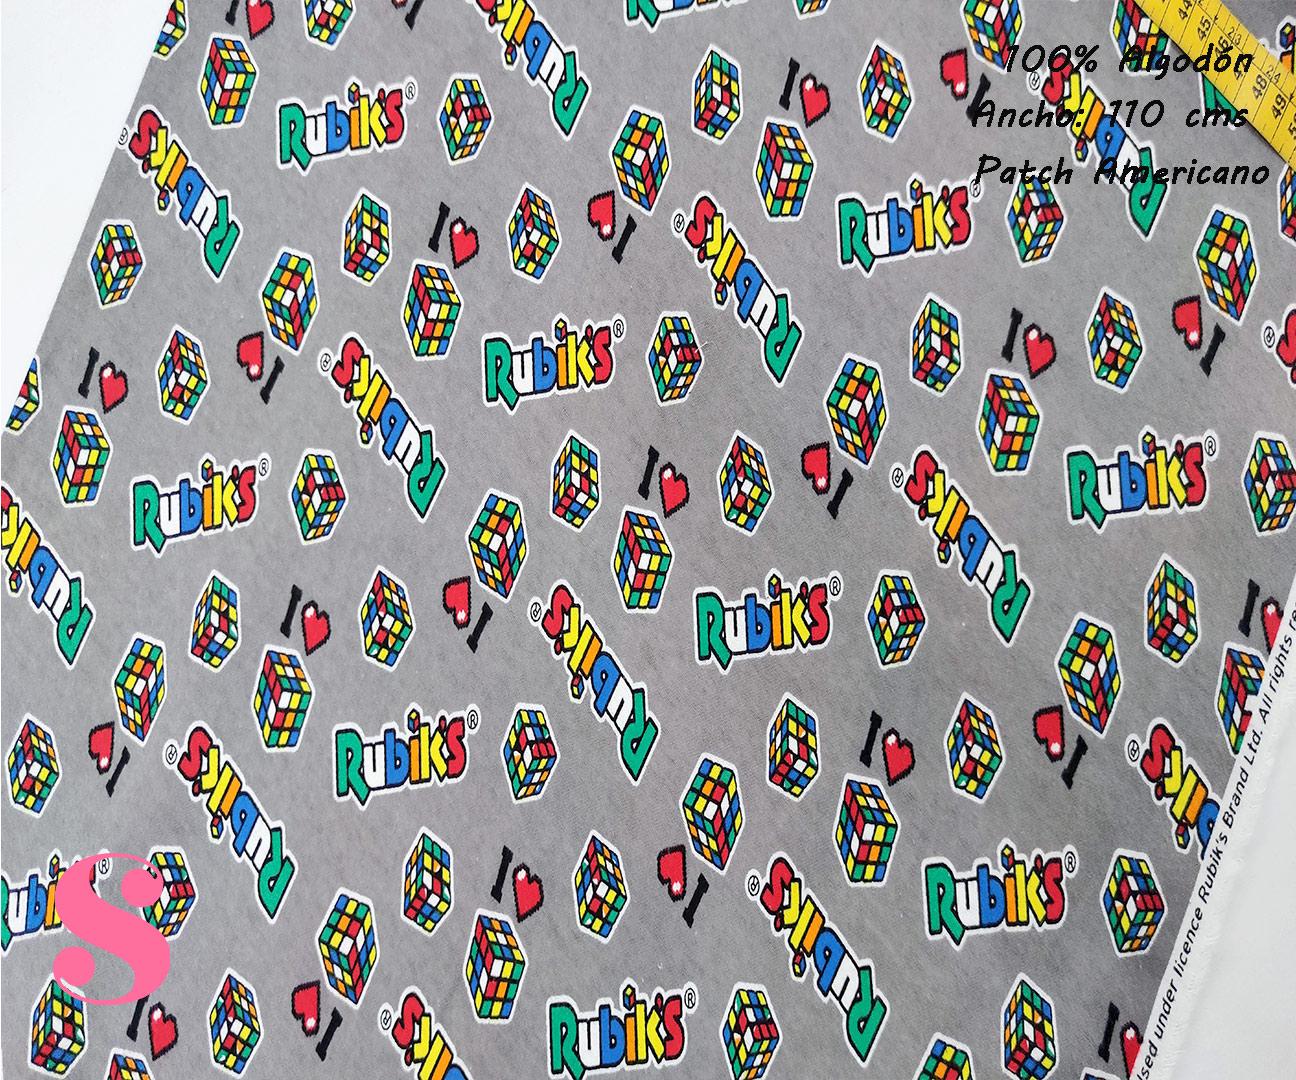 595-cuadro-rubik-otoño-invierno-tejidos-algodón-estampado-percal,telas frikis,estampados juveniles frikis,rubik's,Franela Estampada Cubo de Rubik